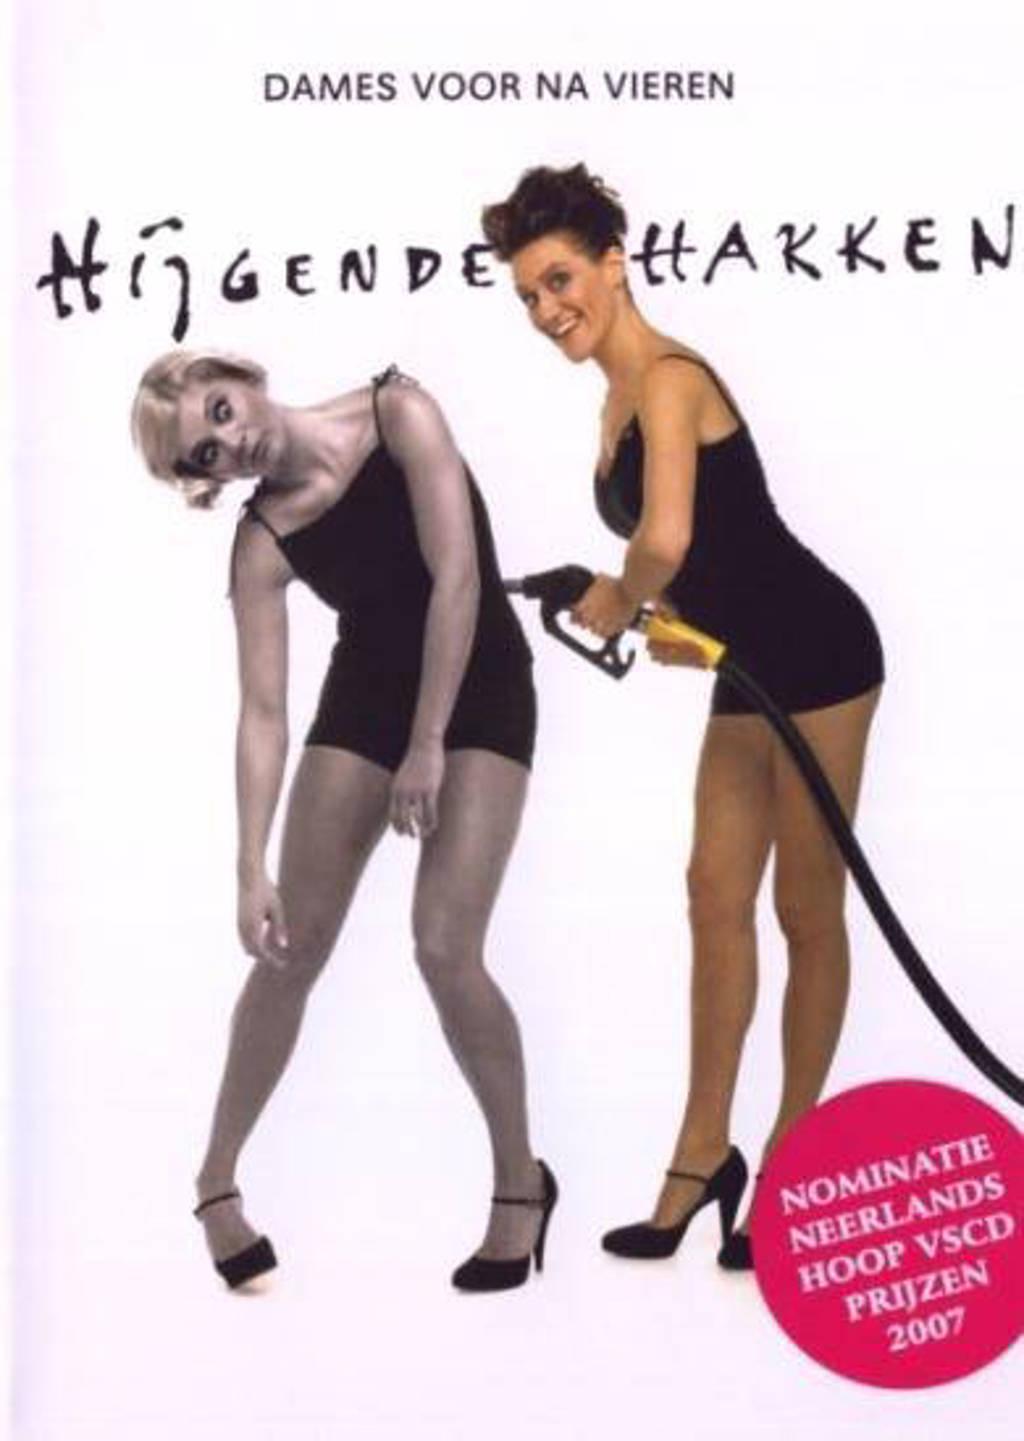 Dames Voor Na Vieren - Hijgende Takken (DVD)